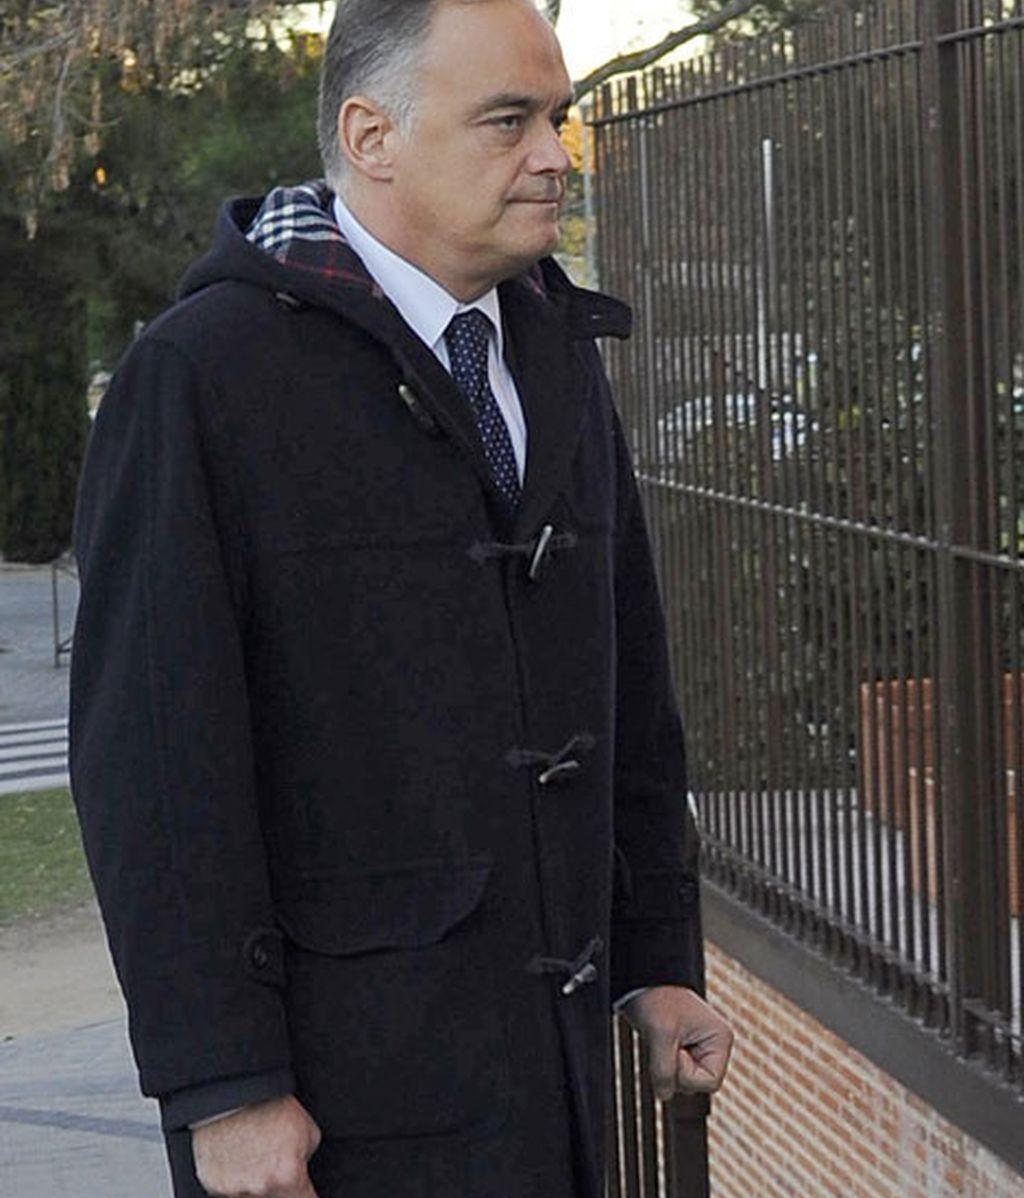 El político Esteban González Pons